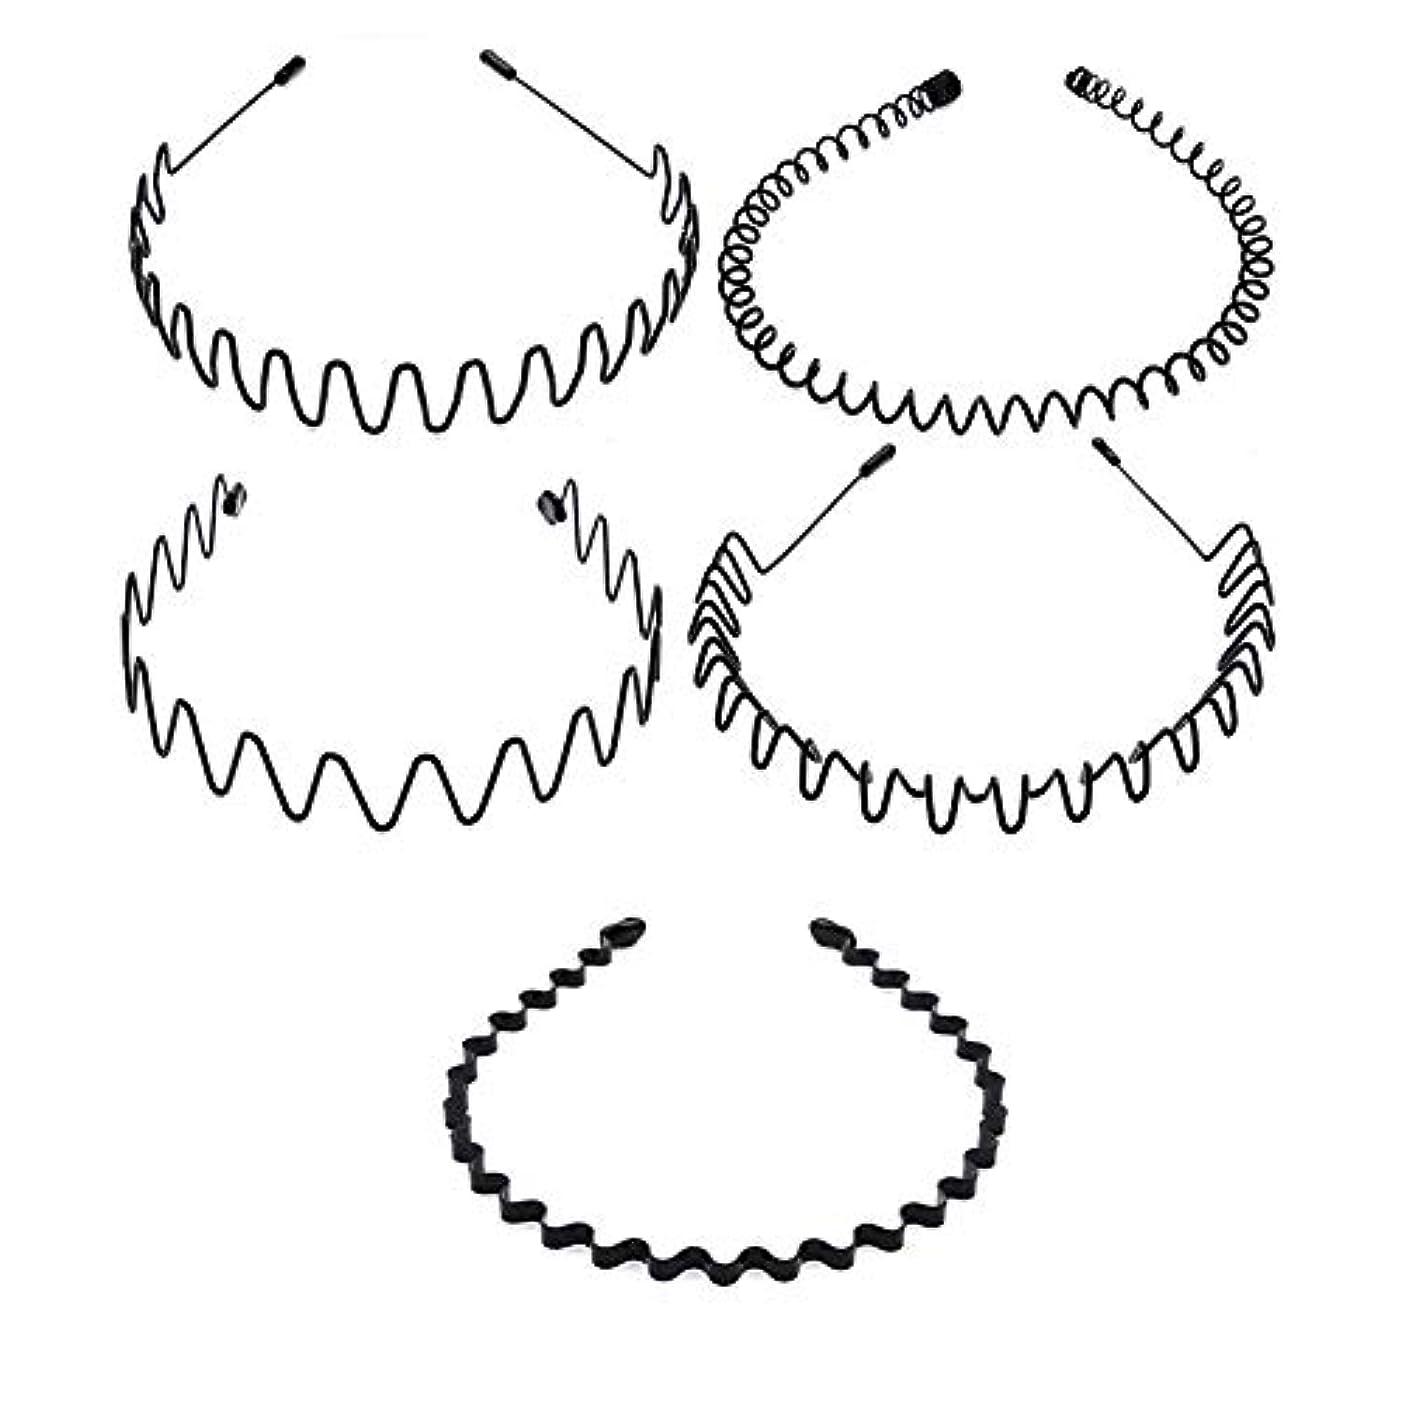 魔法選択ダンス5種類のシンプルな波状ヘッドバンド 非常にニュートラルなヘアクリップ 男性と女性の両方が使用可能 黒